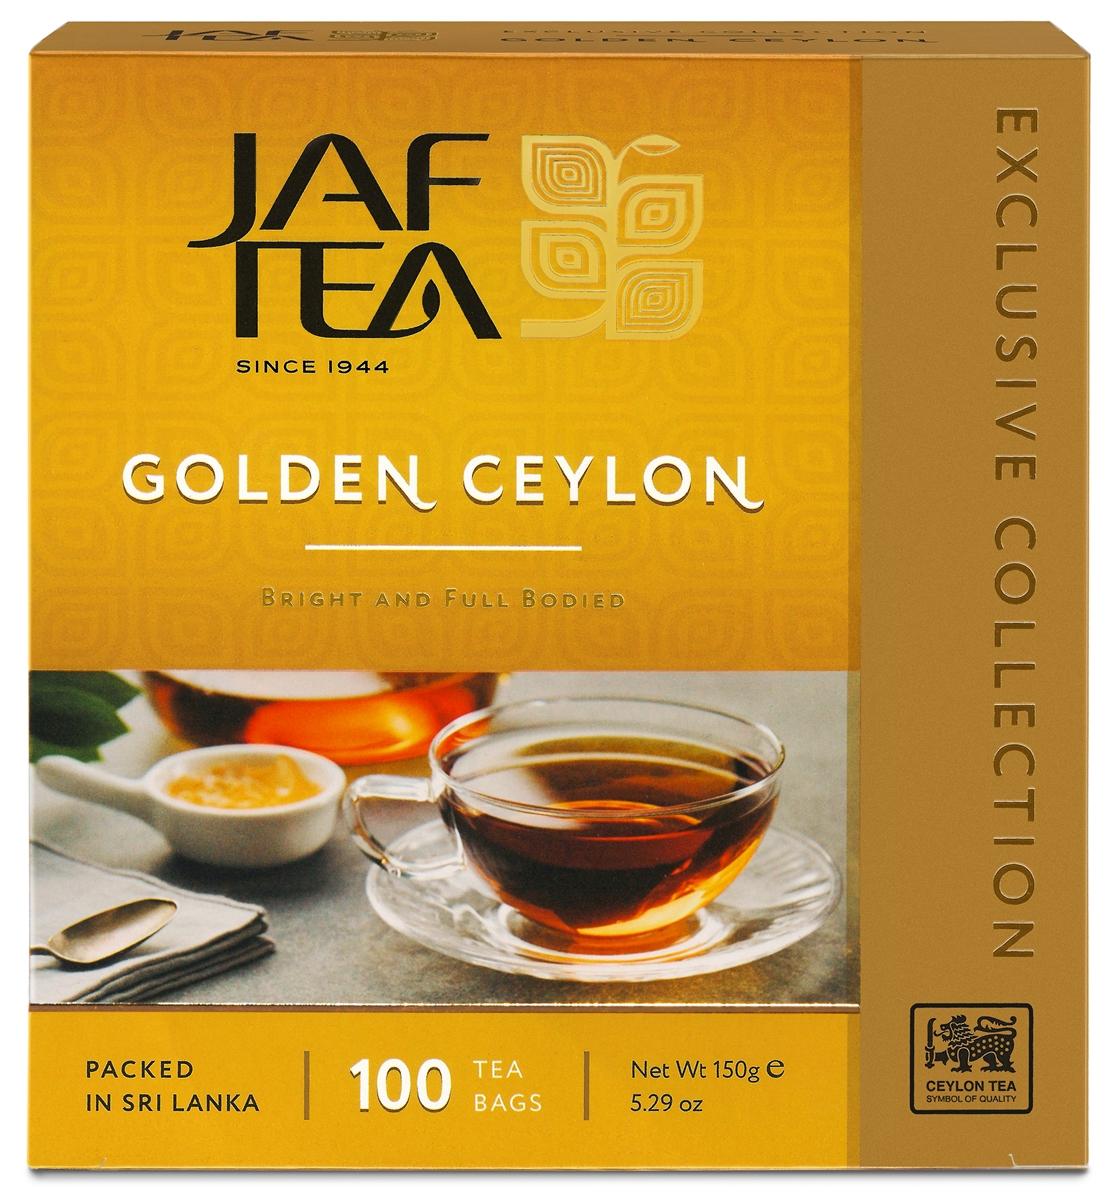 Jaf Tea Golden Ceylon чай черный в пакетиках, 100 шт modern tea дахунпао 20 пакетиков растворимый чай 100